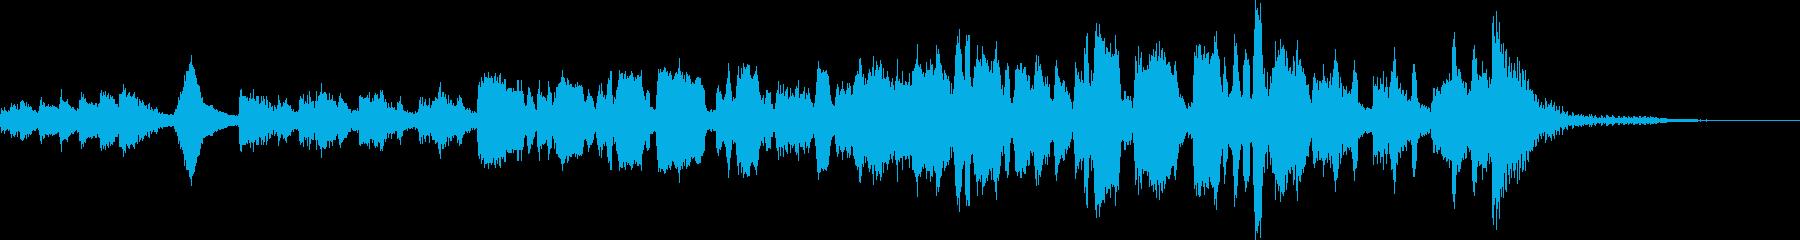 手回しオルゴール風メルヘンBGMの再生済みの波形